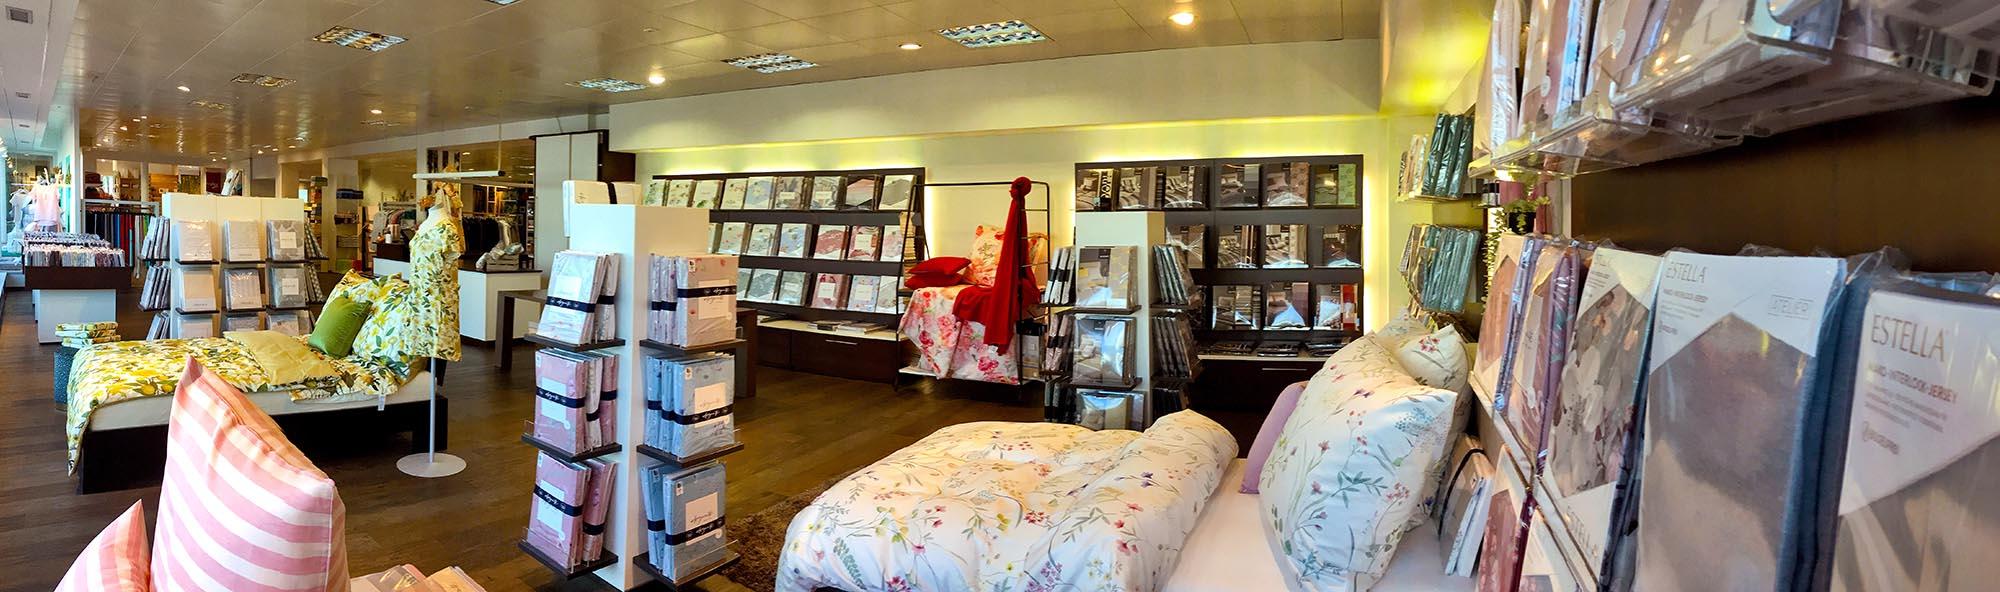 sortiment betten beckord. Black Bedroom Furniture Sets. Home Design Ideas